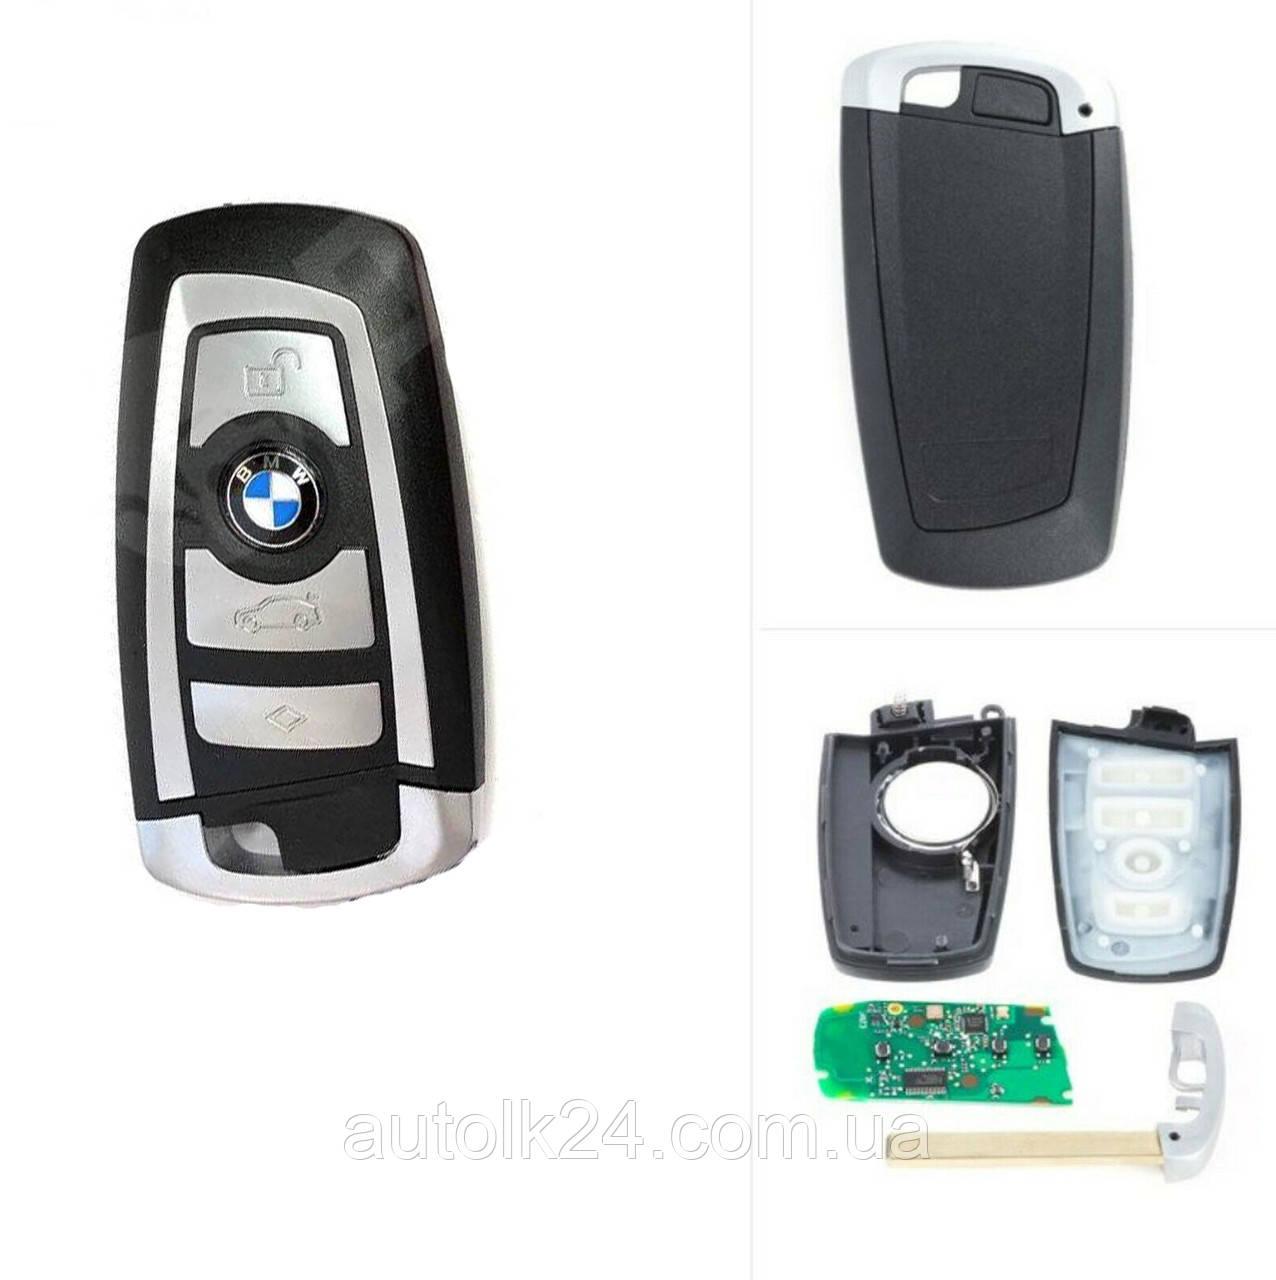 Смарт ключ для BMW (БМВ) 4 - кнопки 868 Mhz